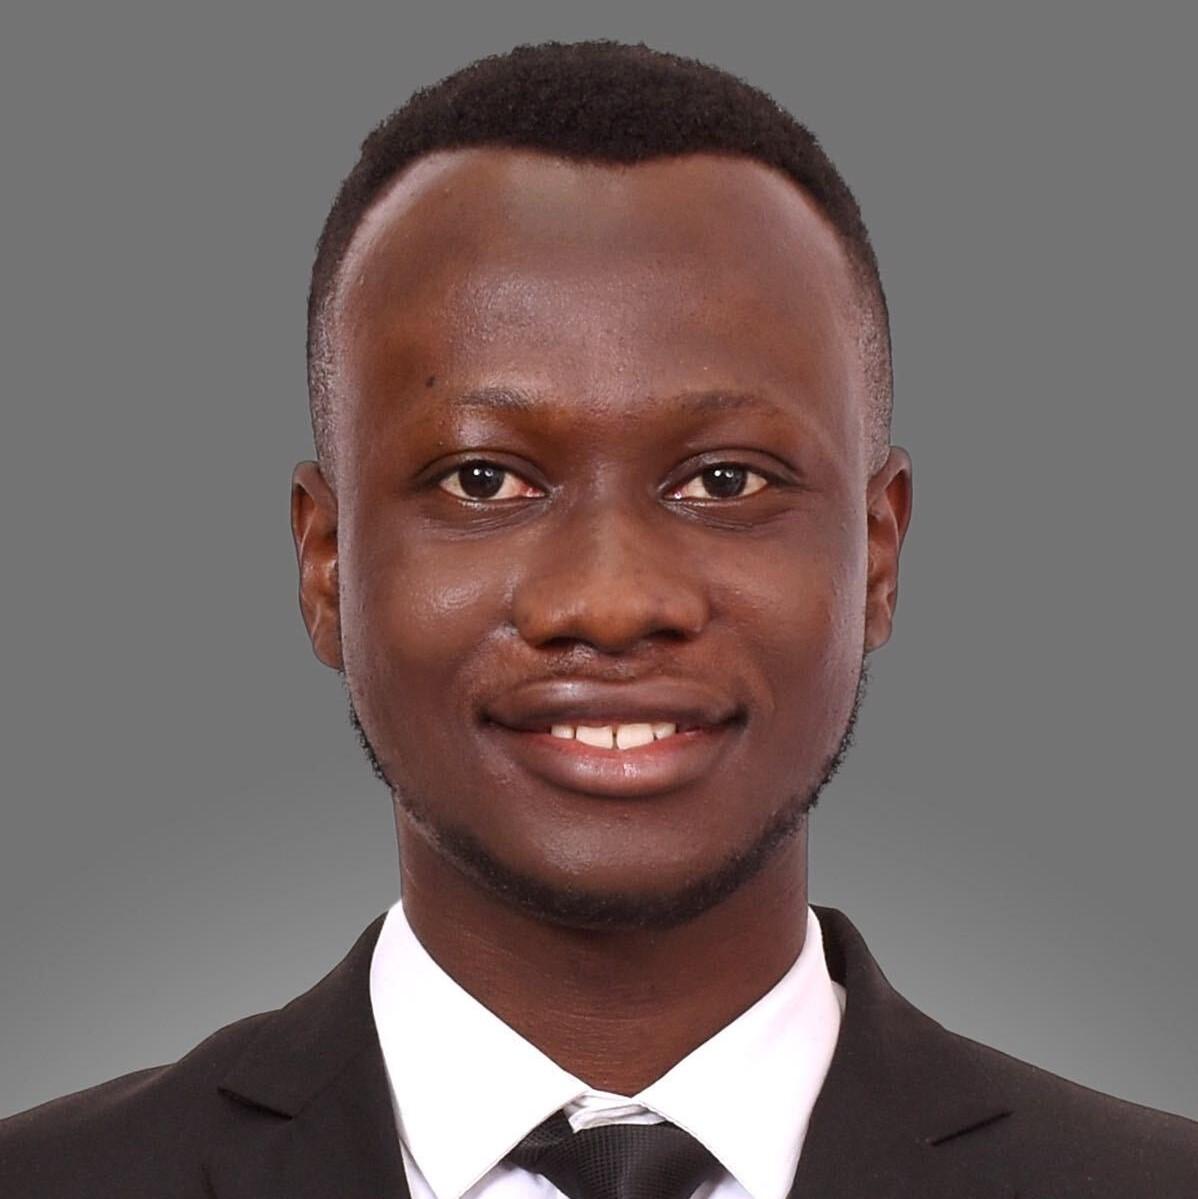 Mr. Prince Antwi-Afari